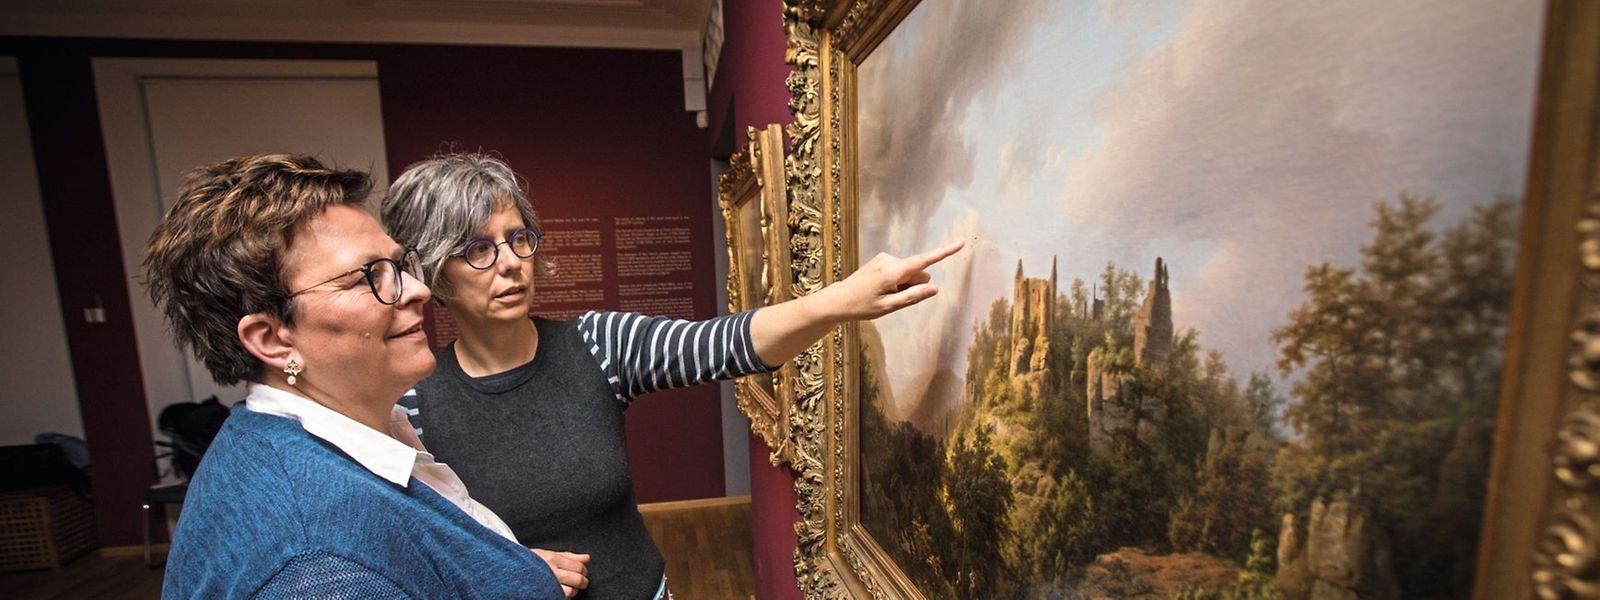 """Das Gemälde """"Luxemburgische Landschaft mit Burgruine Fels (Larochette)"""" von Barend Cornelis Koekkoek aus dem Jahr 1848 ist der Epoche der Romantik zuzuordnen. Die beiden Restauratorinnen vom MNHA, Simone Habaru (links) und Muriel Prieur, waren ein Jahr lang damit beschäftigt, das Bild wieder auf Vordermann zu bringen."""